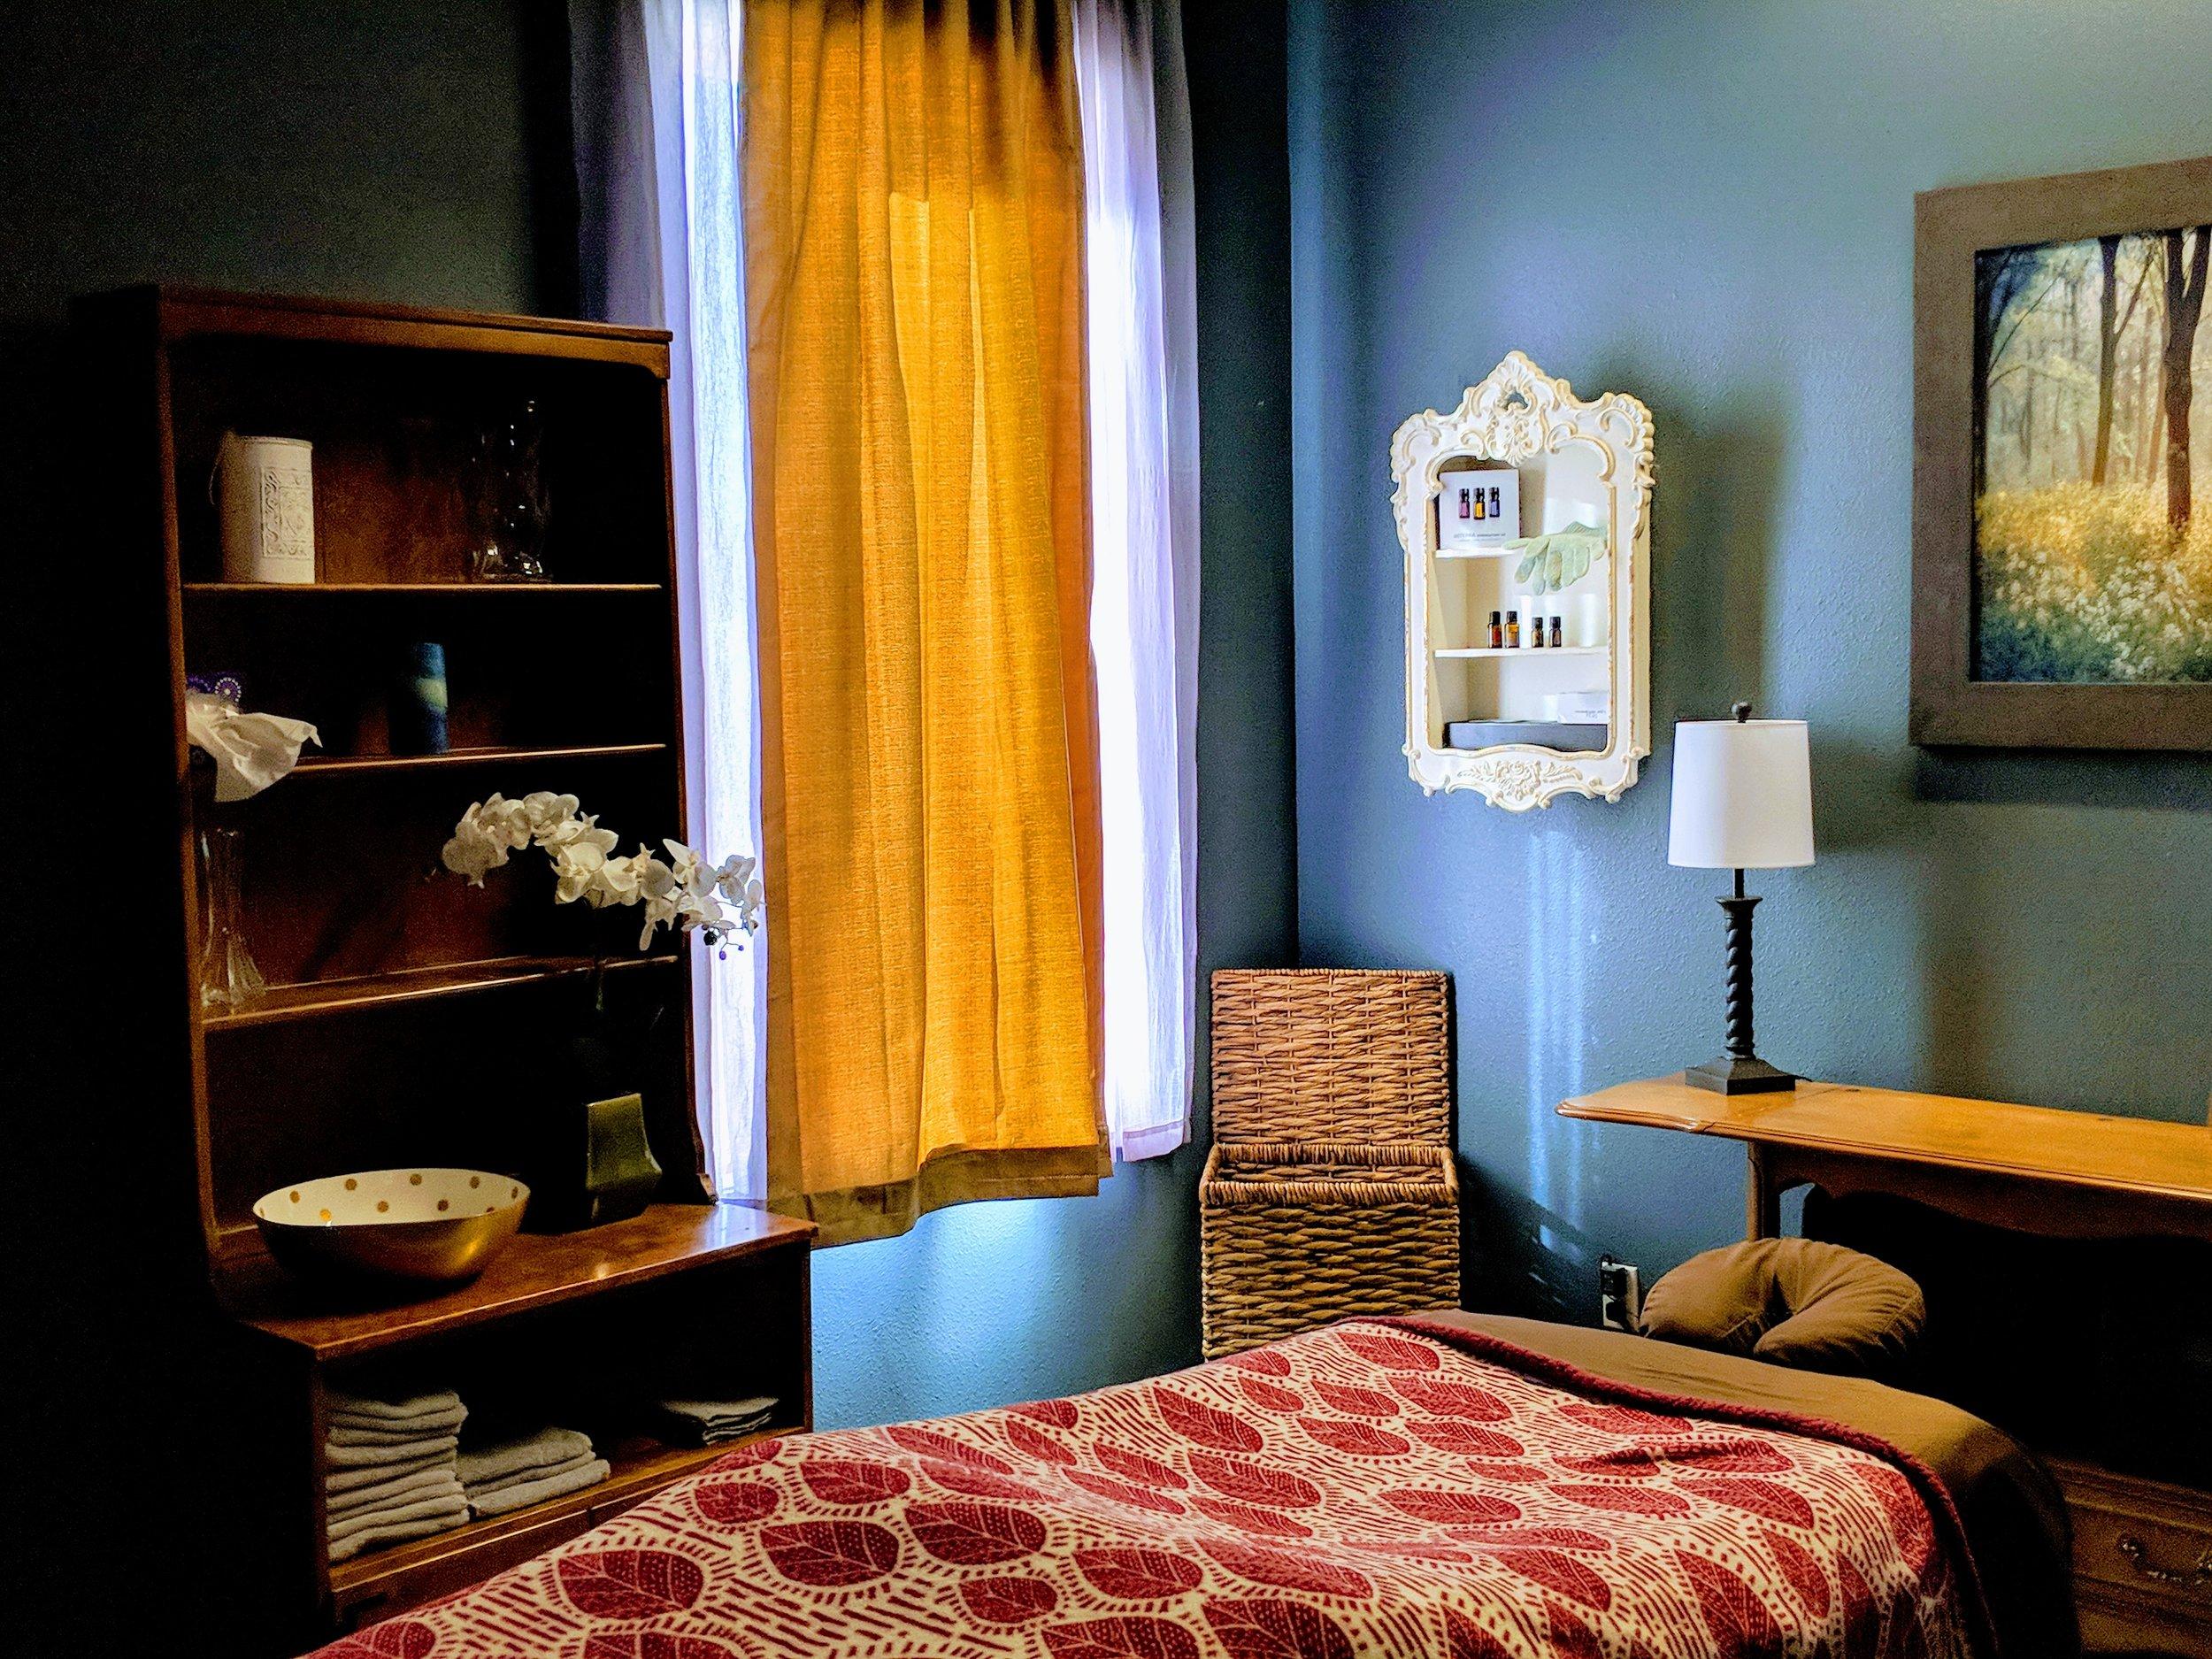 Massage - Hot Stone Massage - Shea Butter Massage - Deep Tissue Massage - Aroma Massage - Aromatherapy